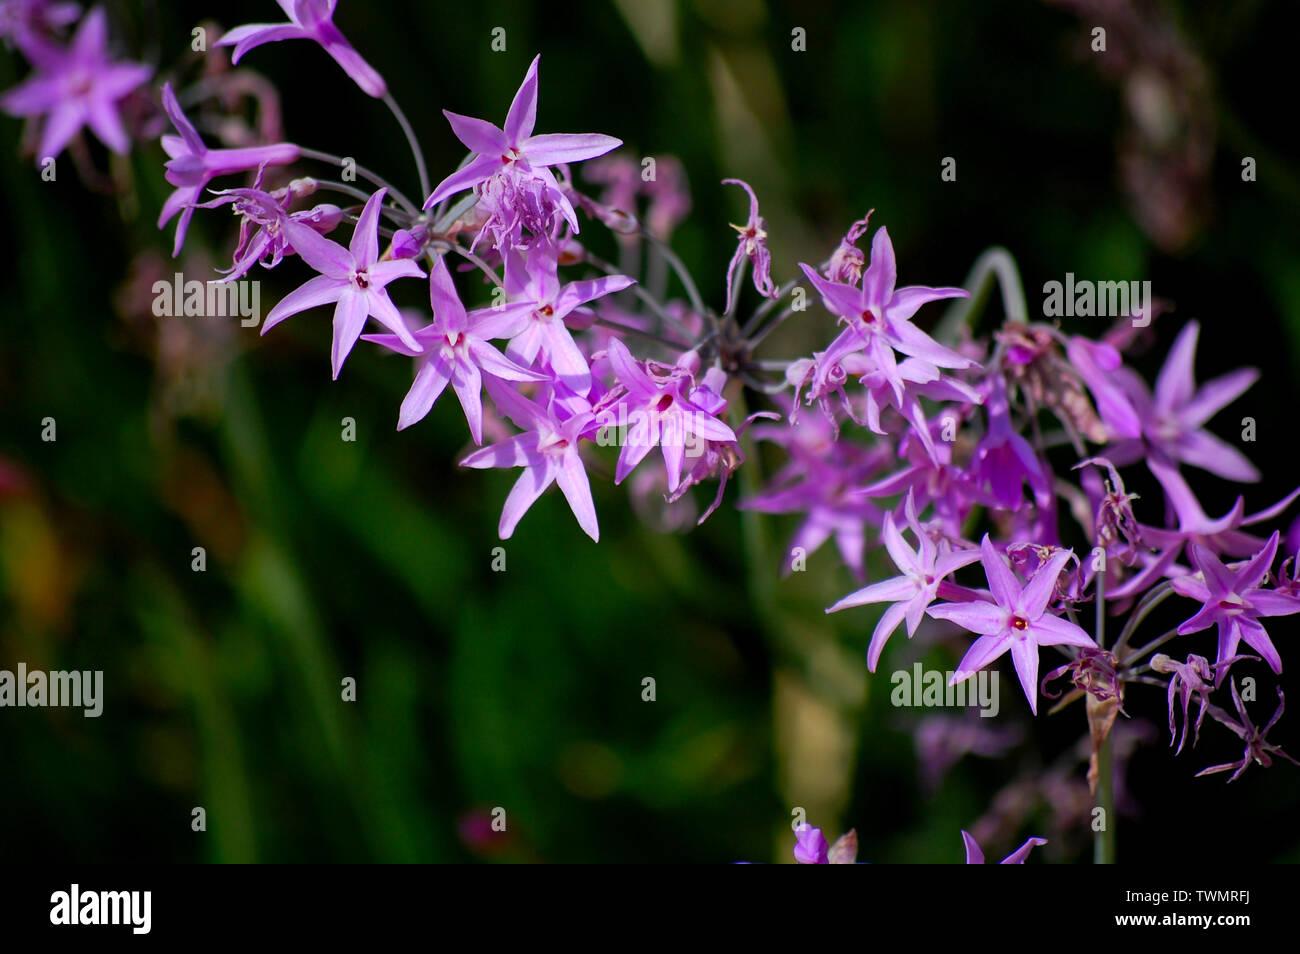 Violet flower - Stock Image